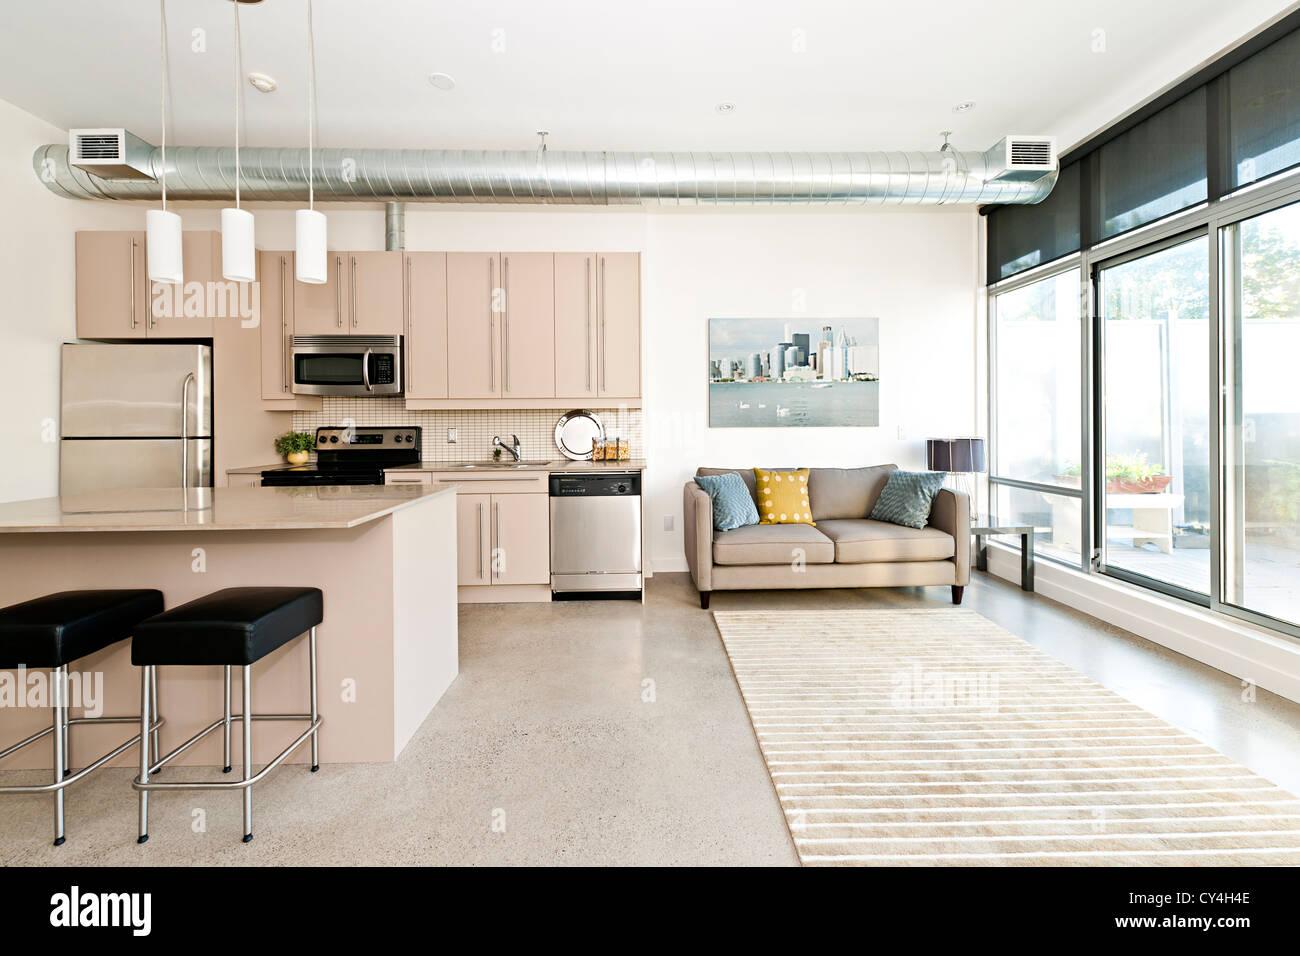 La cocina y el salón del apartamento loft - ilustraciones de fotógrafo portfolio Imagen De Stock